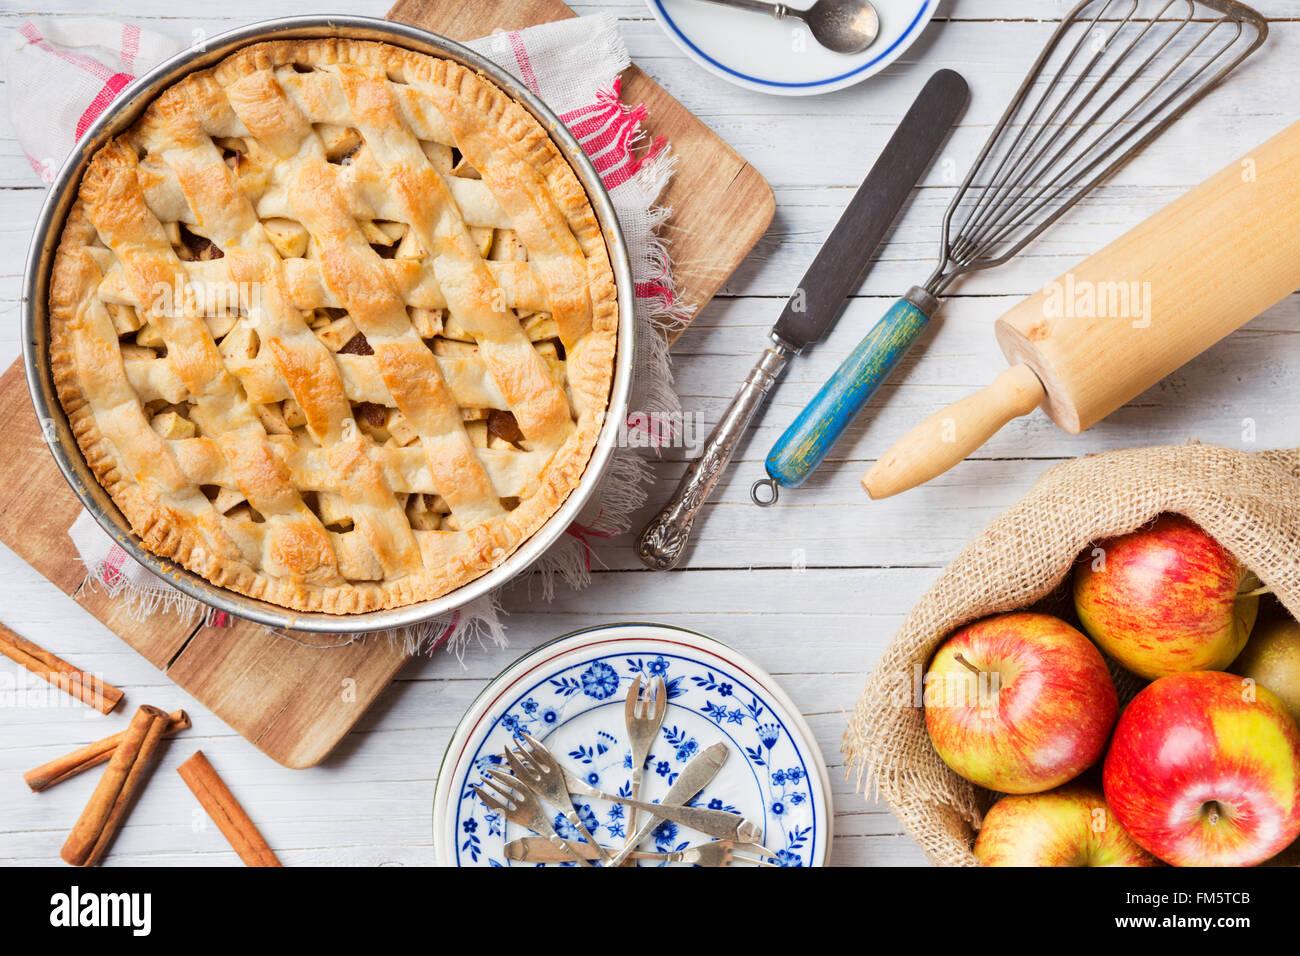 Tarte aux pommes hollandaise fait maison et les ingrédients sur une table rustique. Photographié à Photo Stock